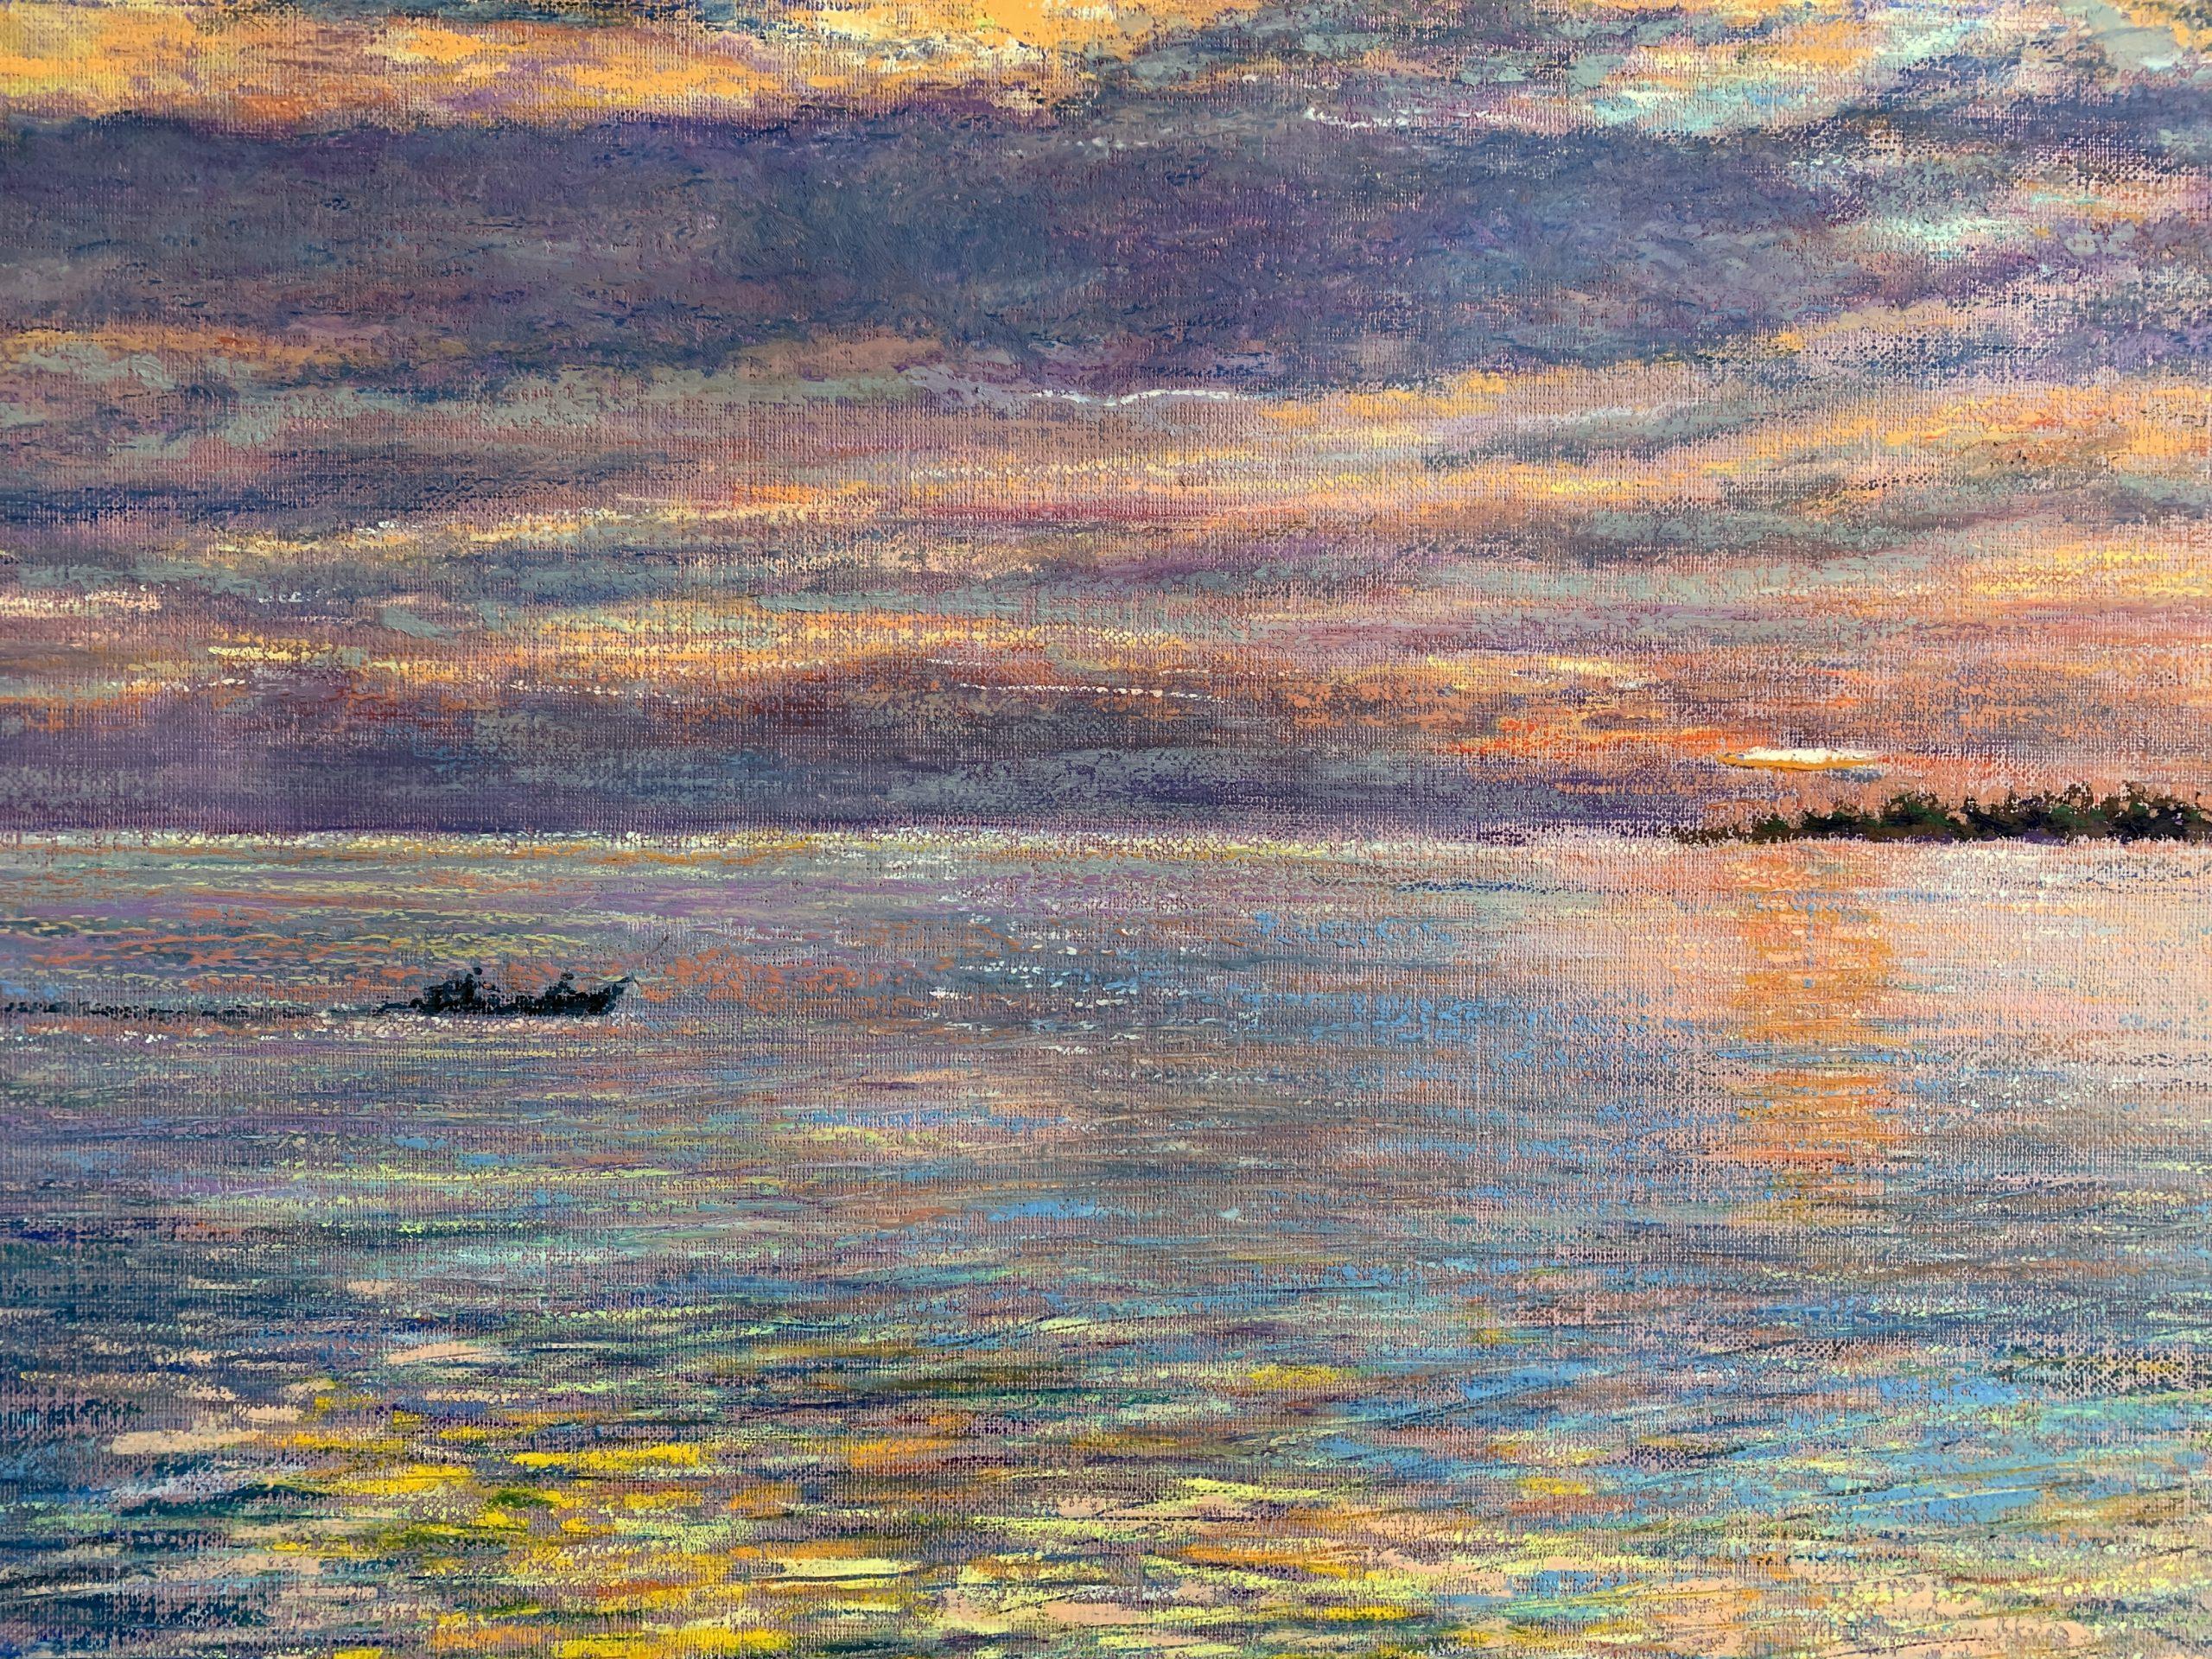 закат в океане картина масляная пастель пейзажи природы художник Альберт Сафиуллин